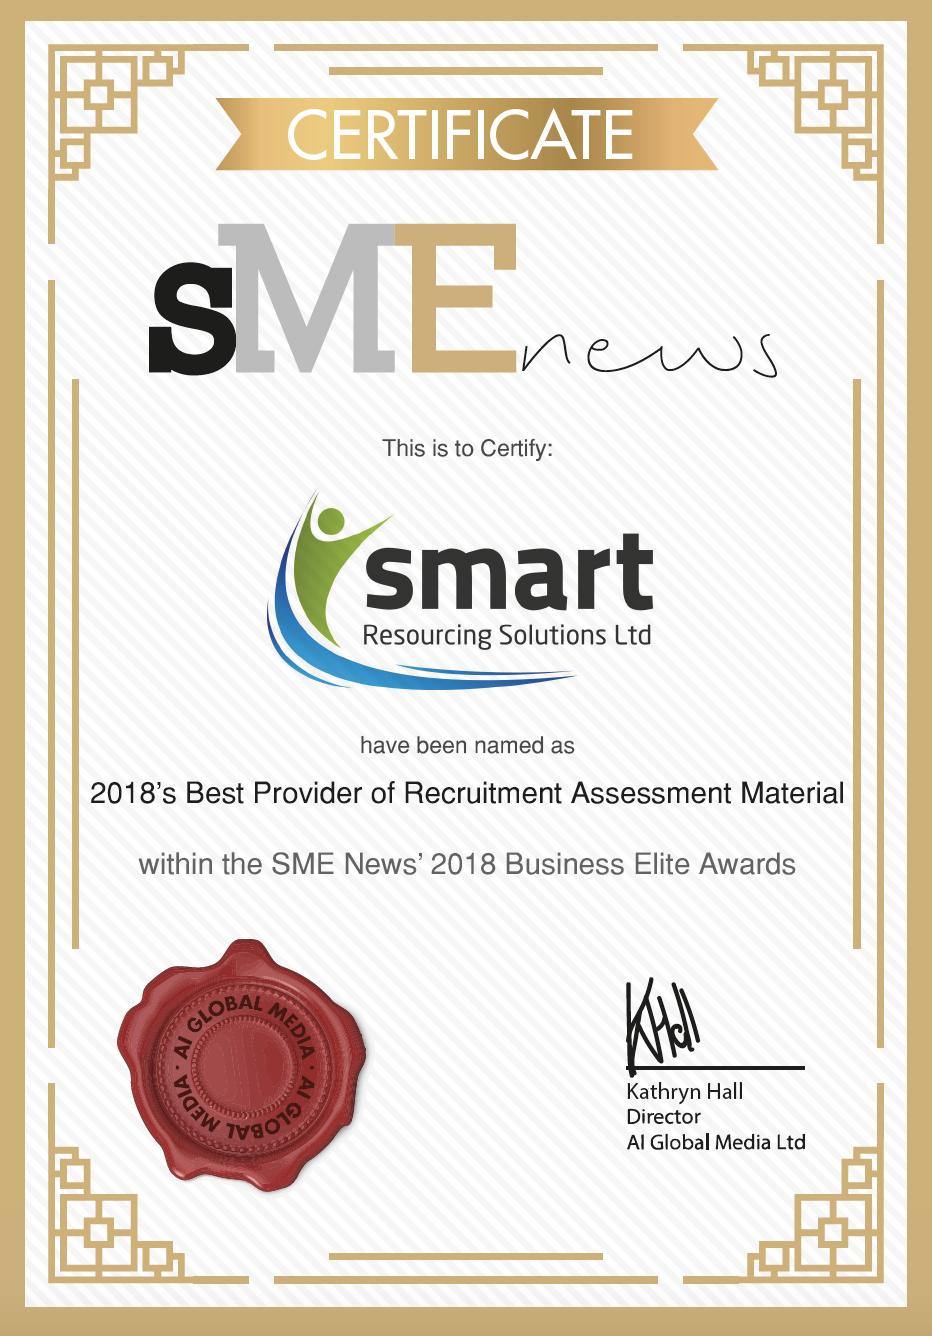 Best Provider of Recruitment Assessment Material